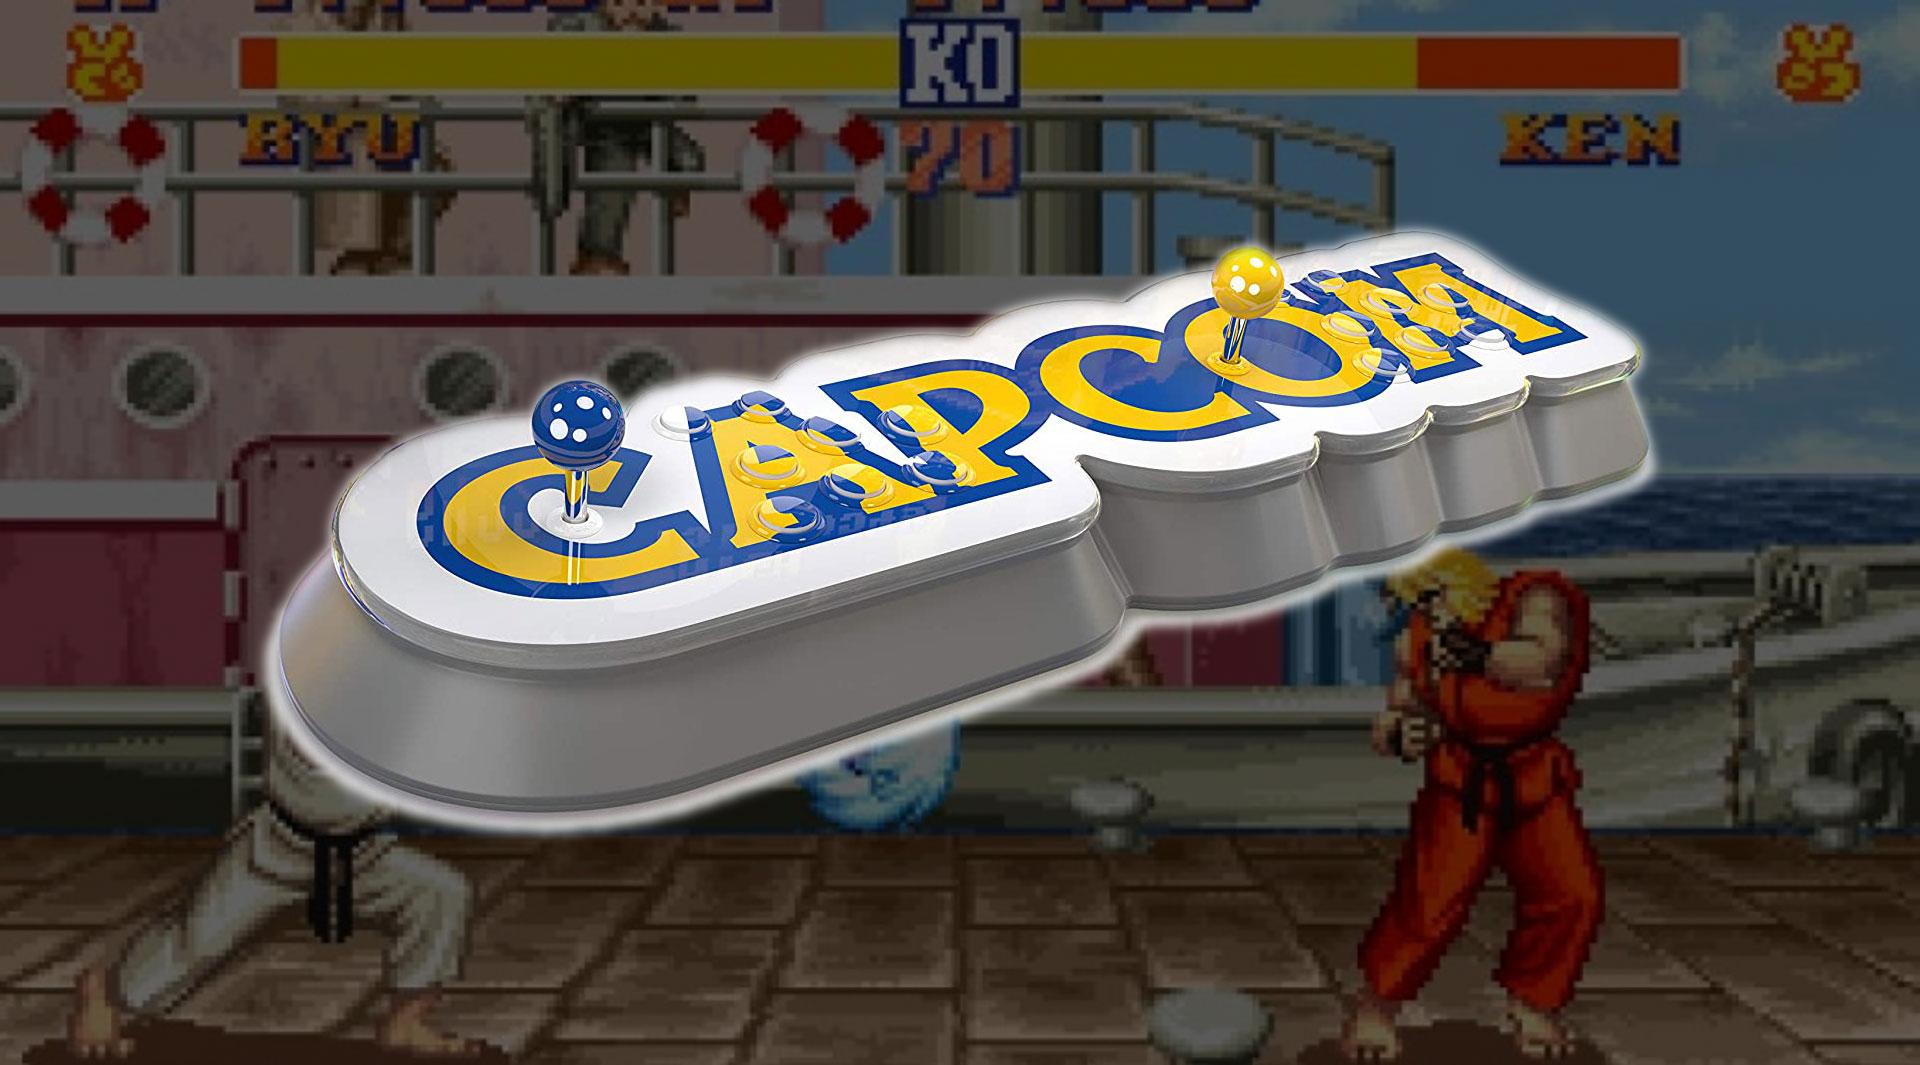 Retro- und Minikonsolen #12: Capcom Home Arcade – Der Riese unter den Minikonsolen